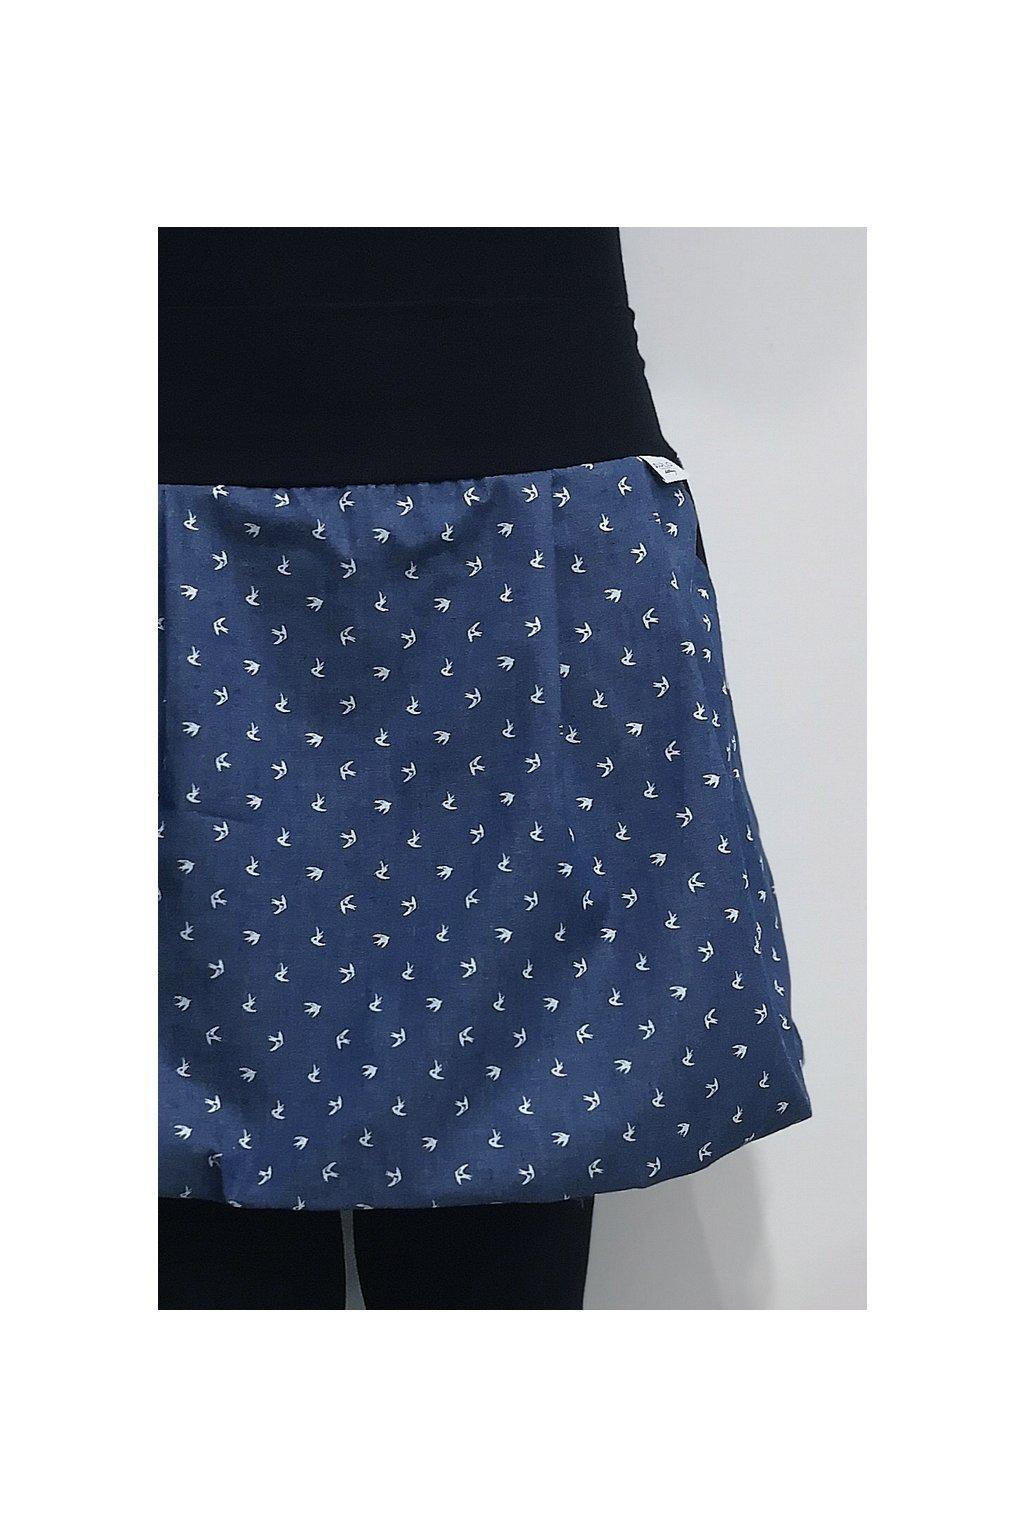 balonová sukně s vlaštovkami | denim